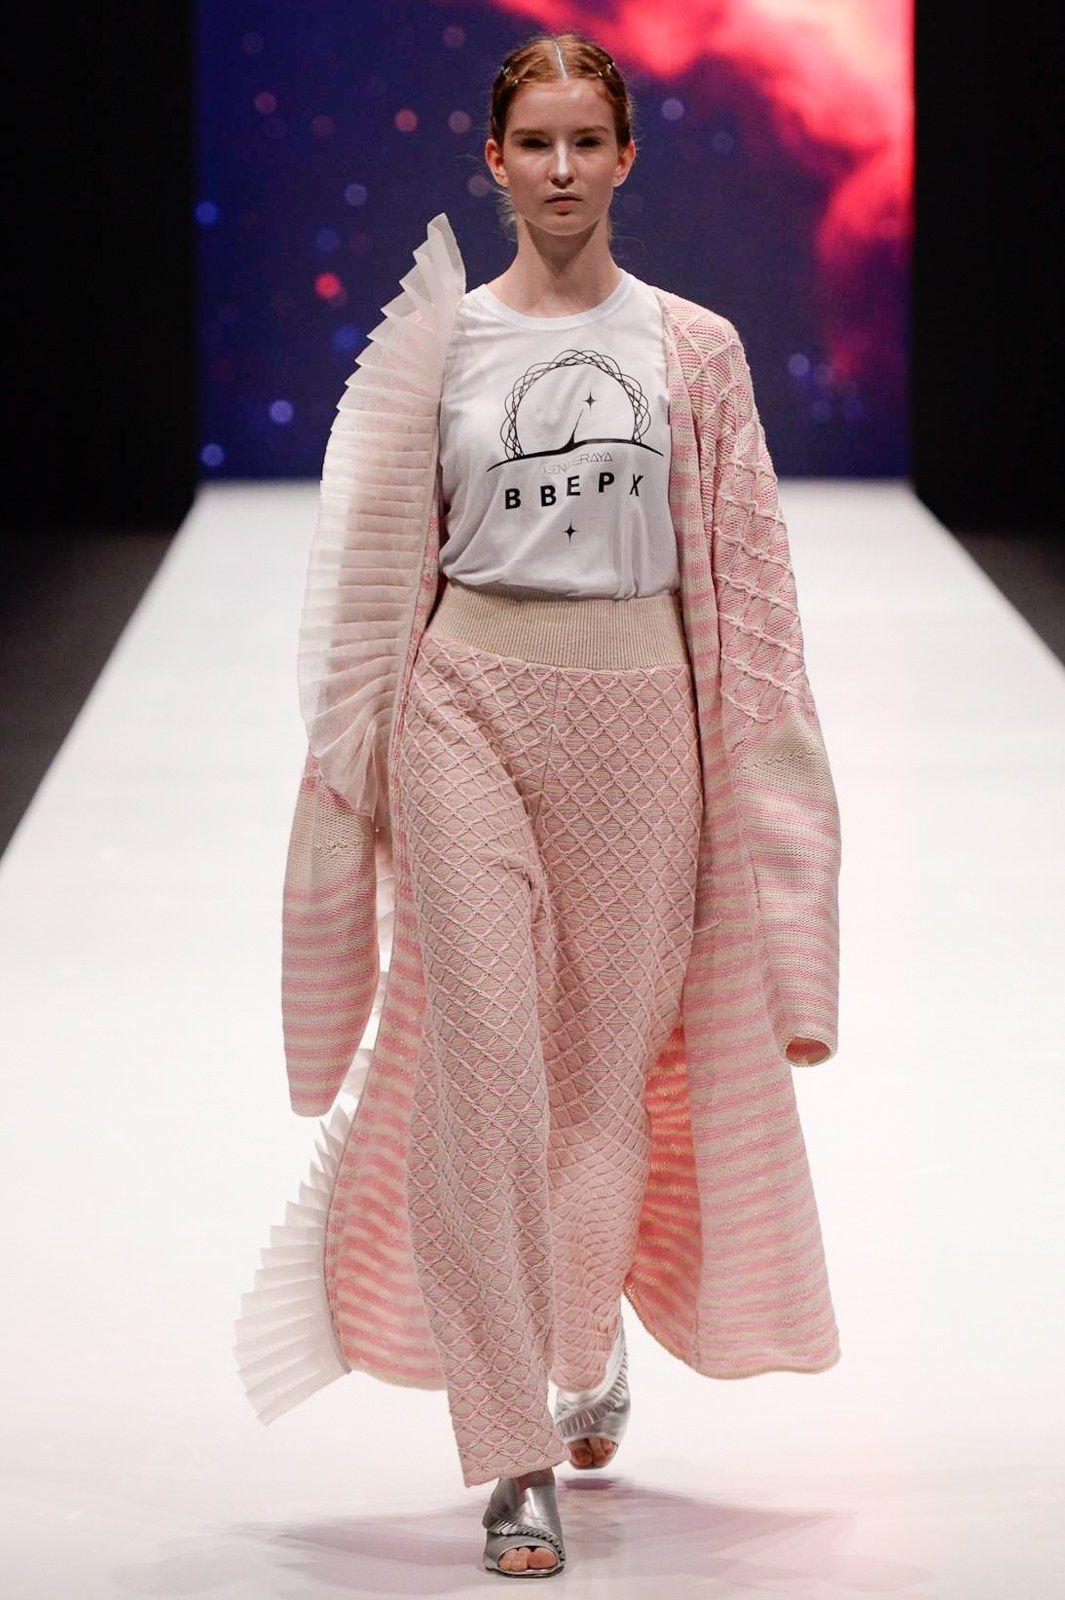 KseniaSeraya Russia Spring Fashion Show